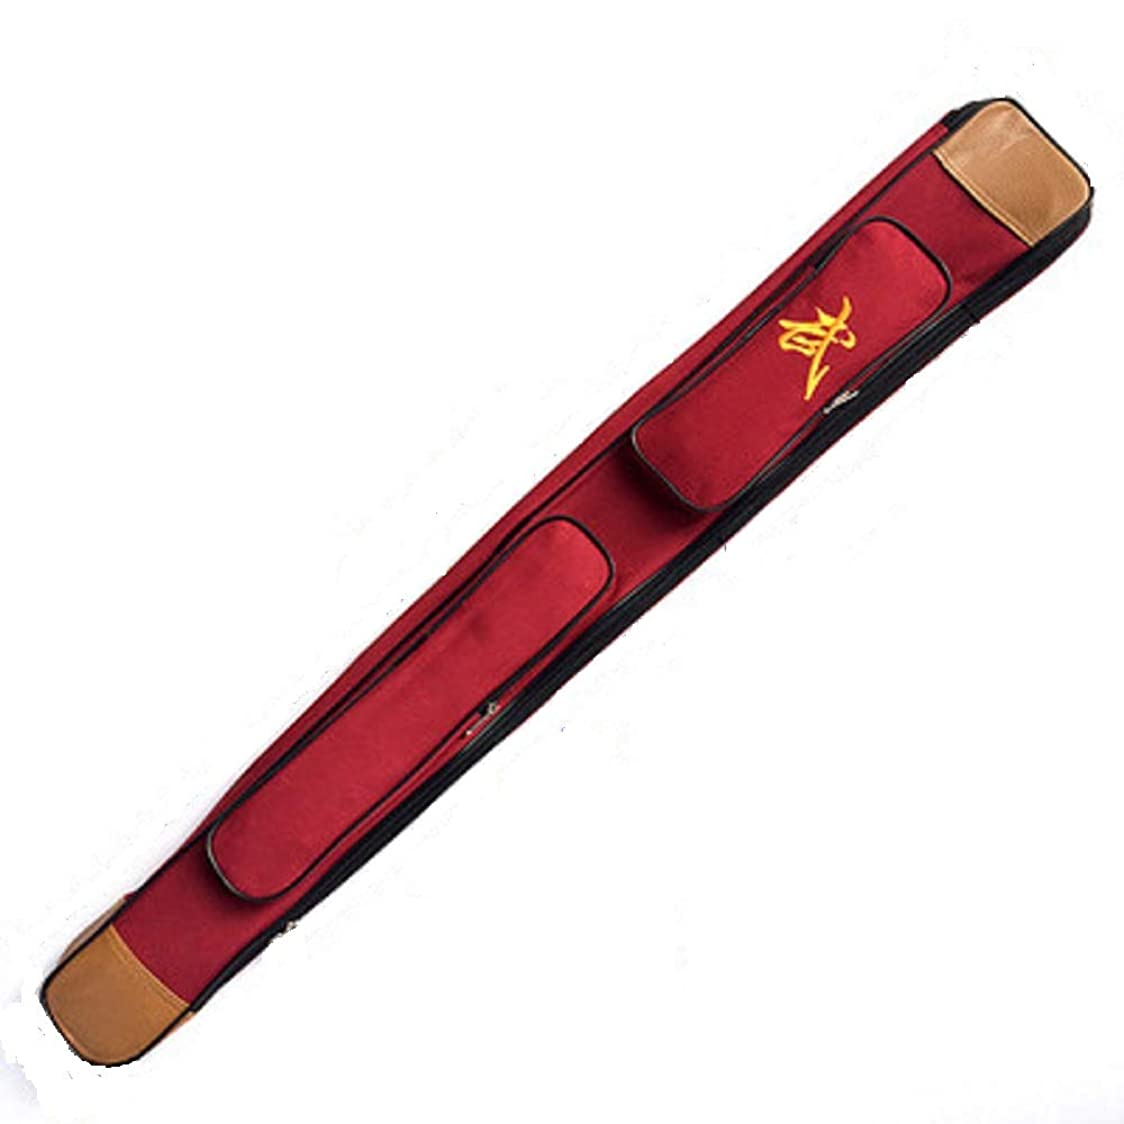 扇動する上回る禁じる剣道 竹刀 木刀 収納バッグ 110cm 肩掛け 収納 ケース(ダブル重)